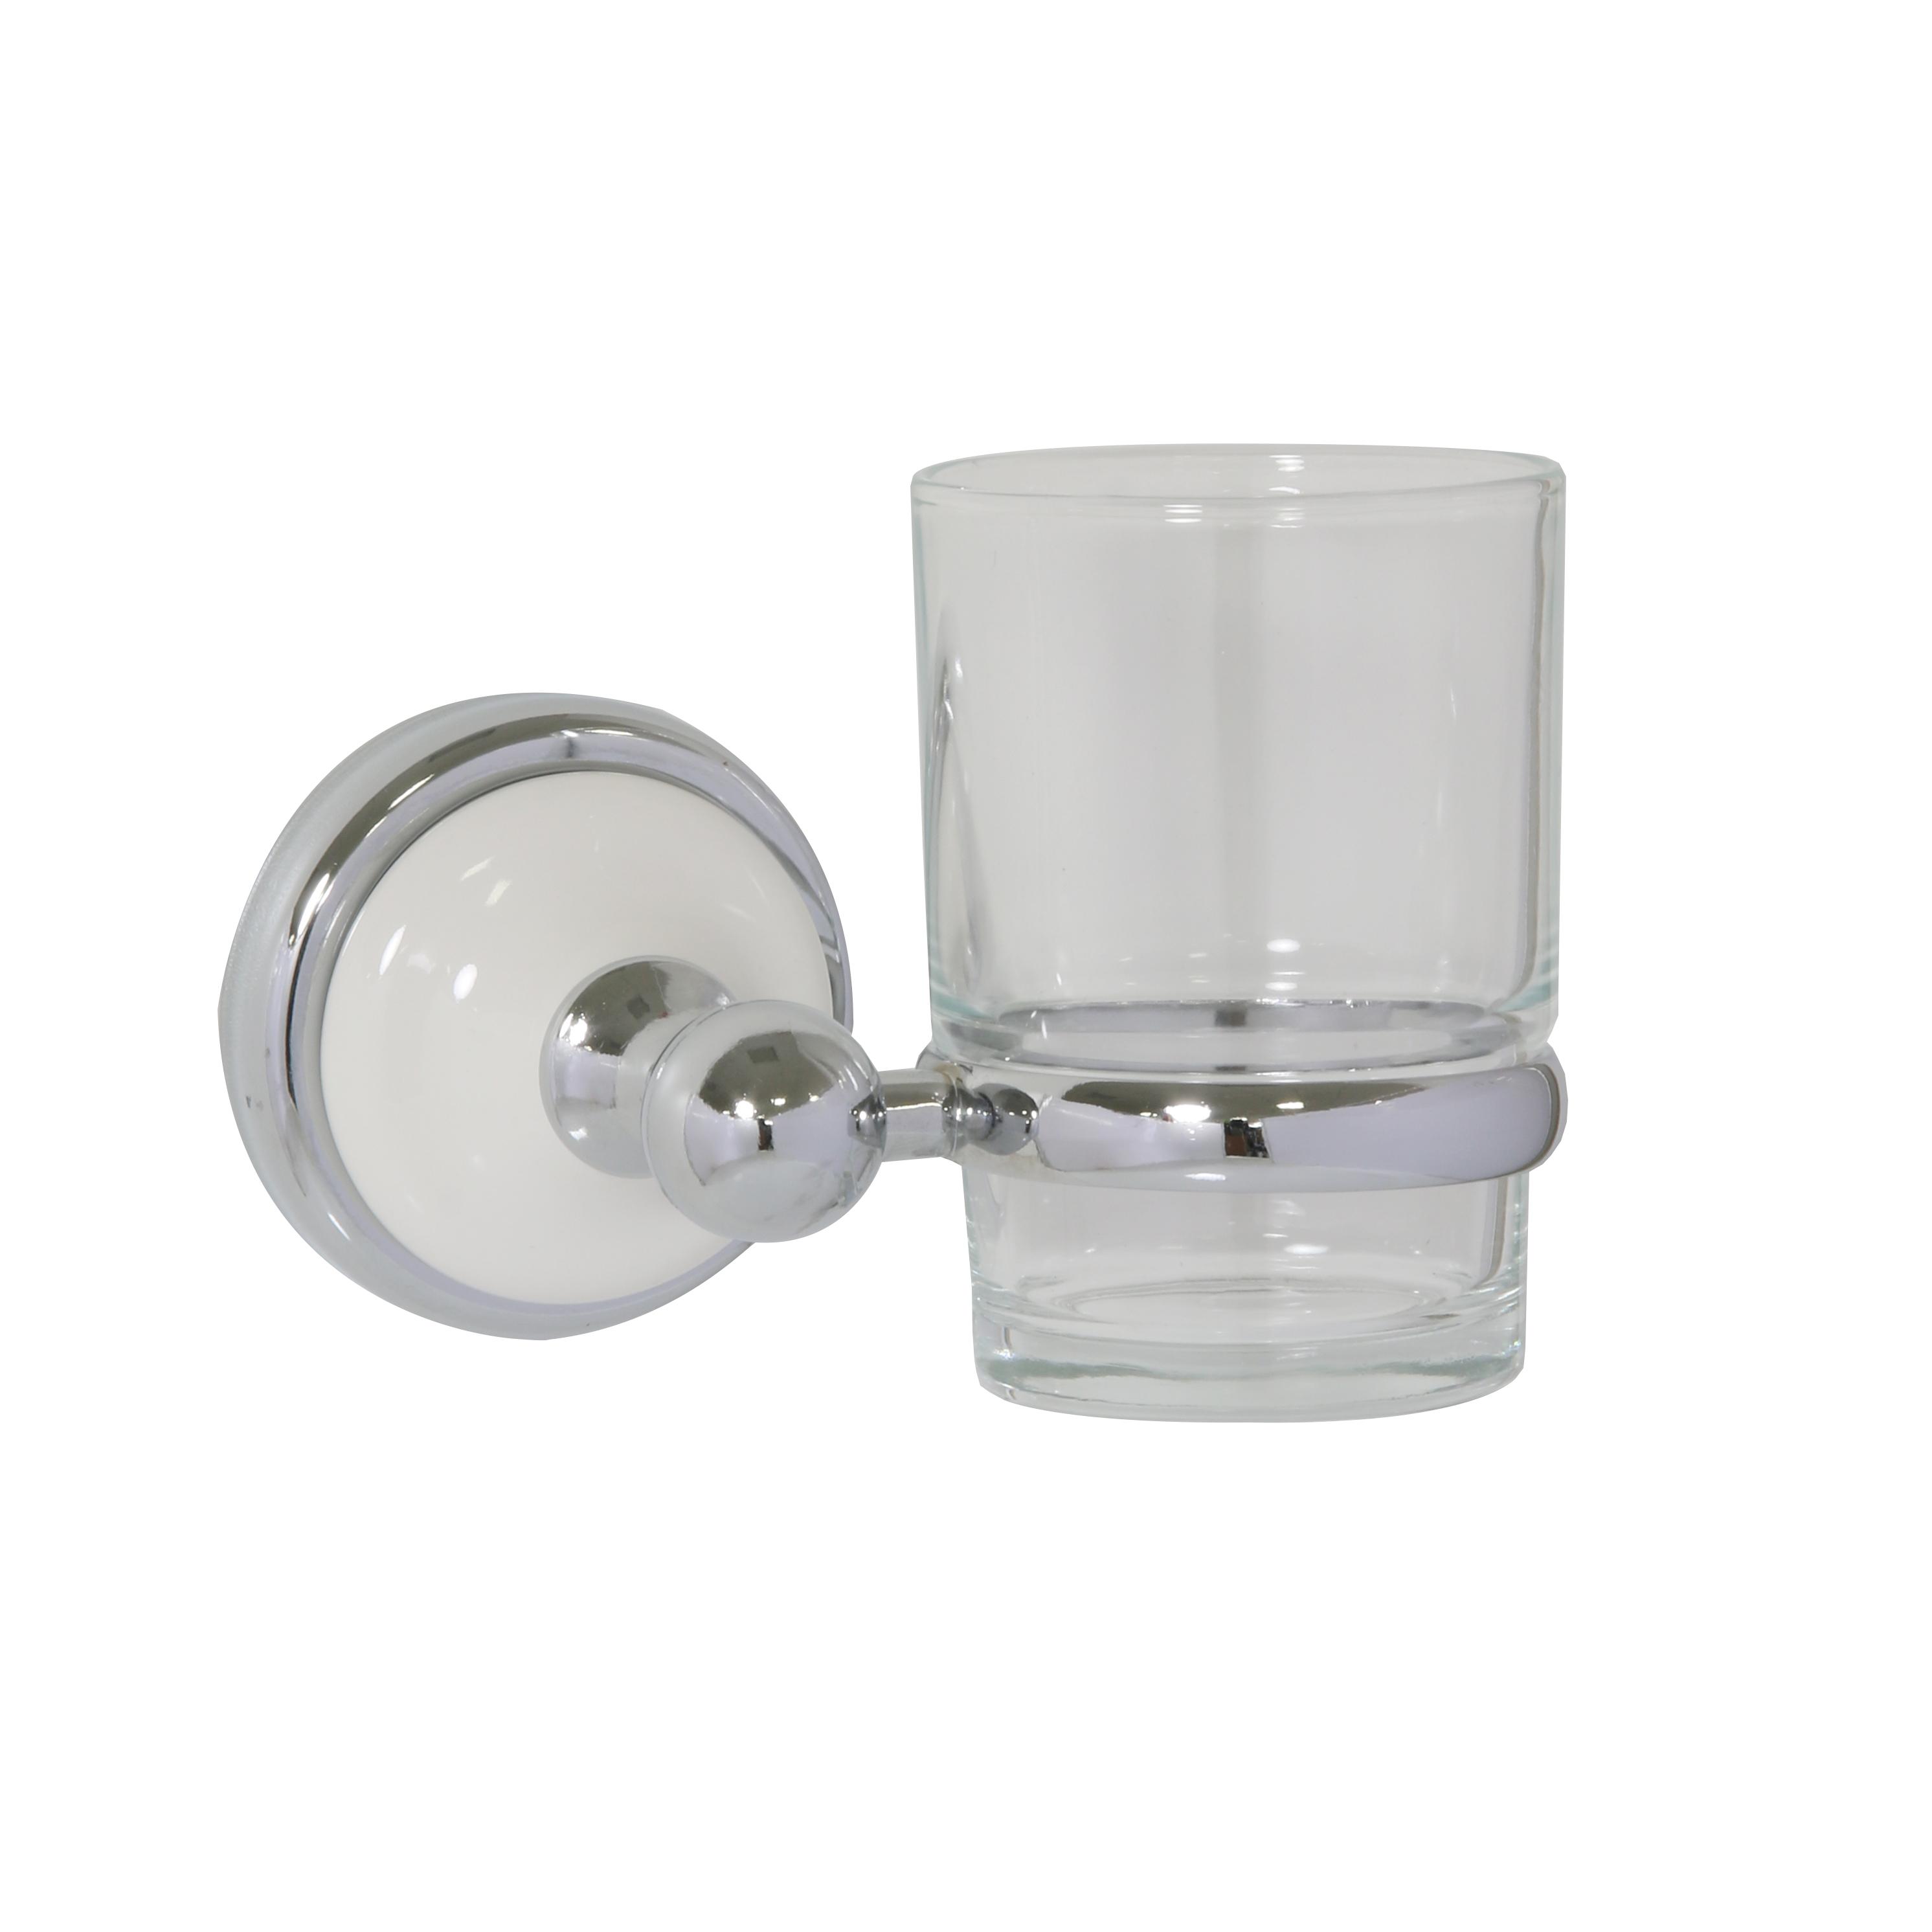 Стакан для зубных щеток Axentia Lyon Premium122448Стакан для зубных щеток Axentia Lyon Premium выполнен из нержавеющей стали покрытой цинком с колпачком из белой керамики. Крепится на шурупах (в комплекте). Изделие превосходно дополнит интерьер ванной комнаты.